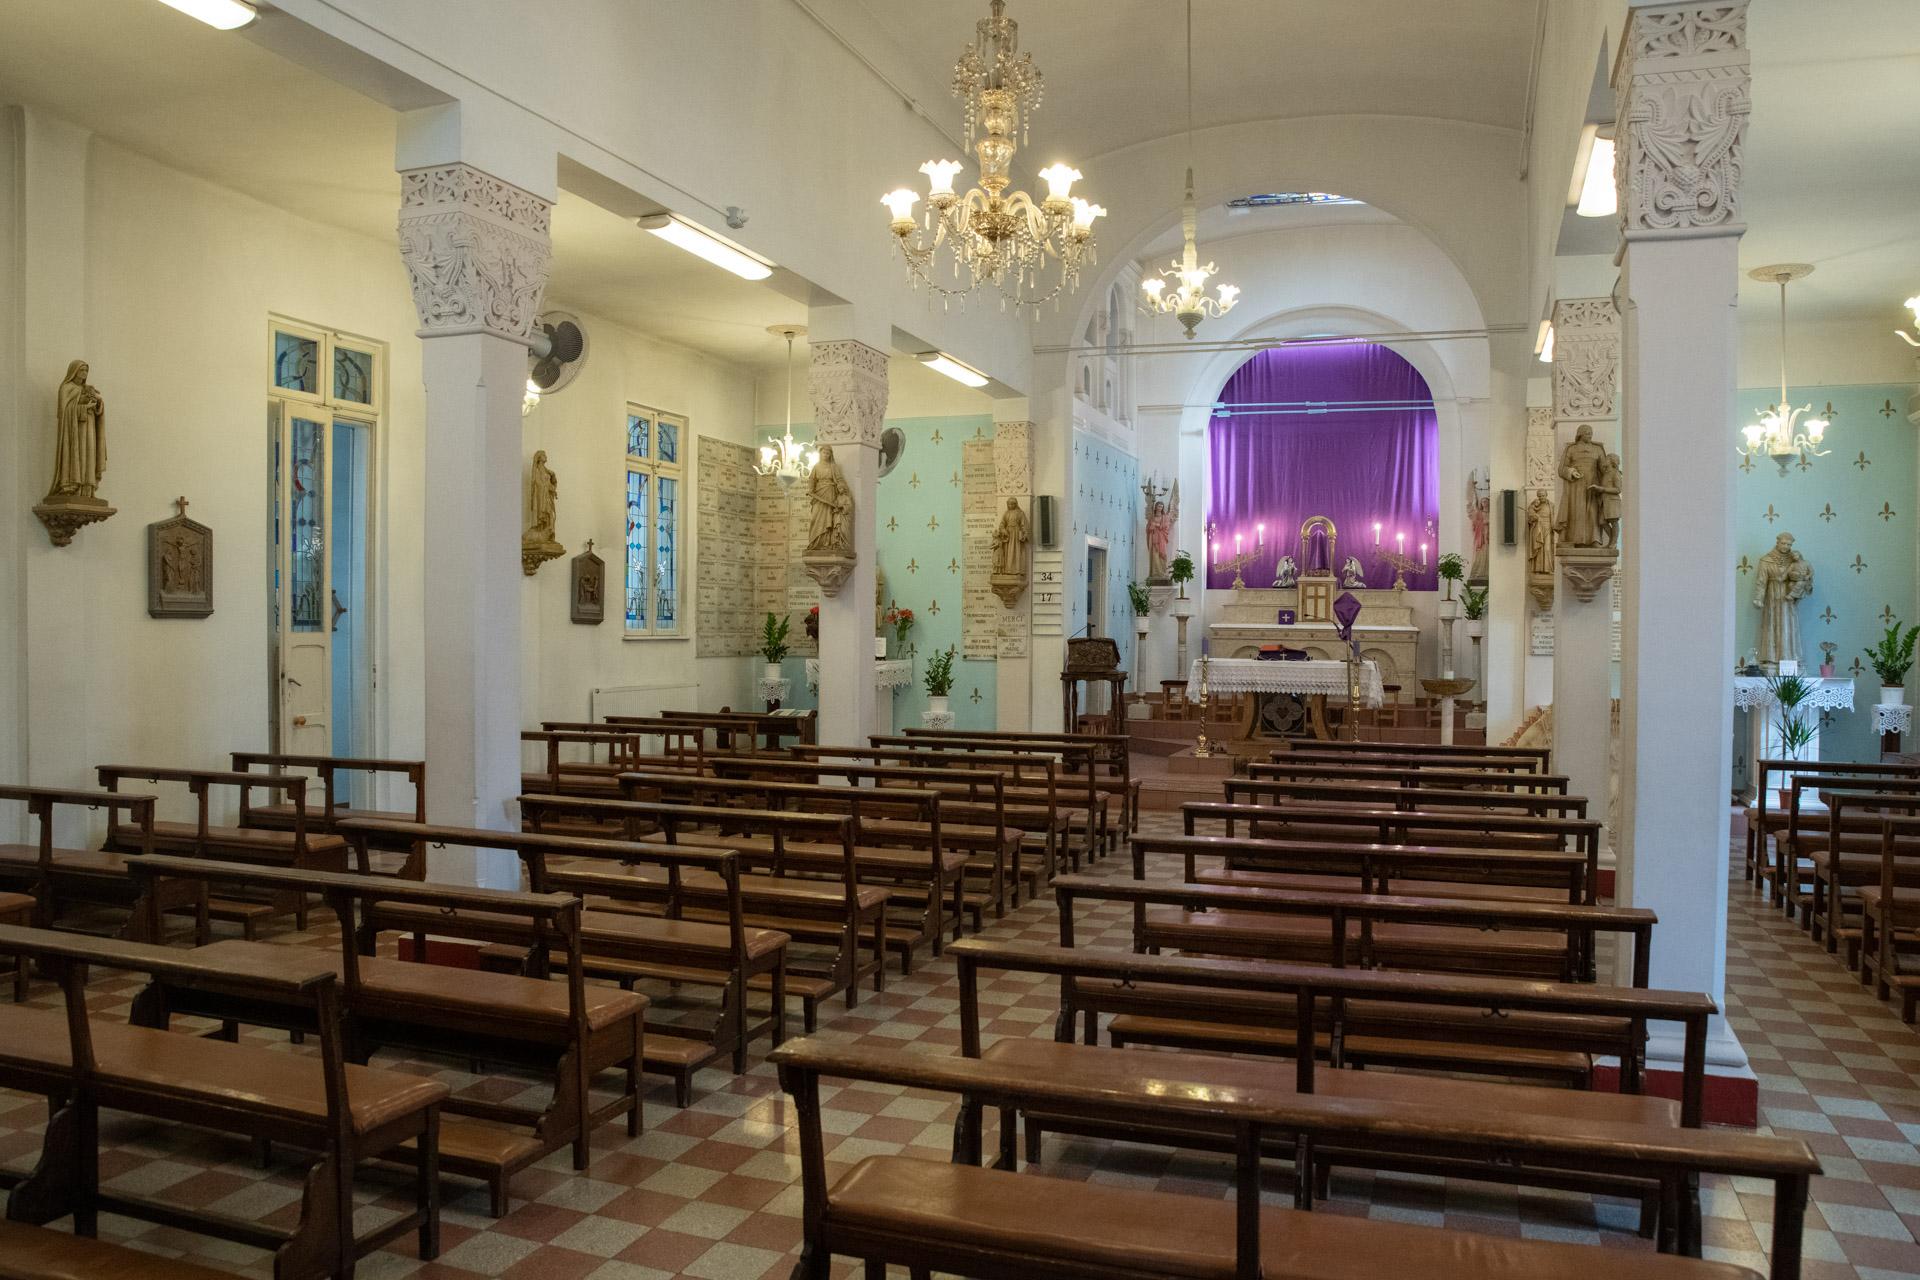 Biserica unde a slujit Fericitul Vladimir Ghika – Biserica Franceză | VIDEO